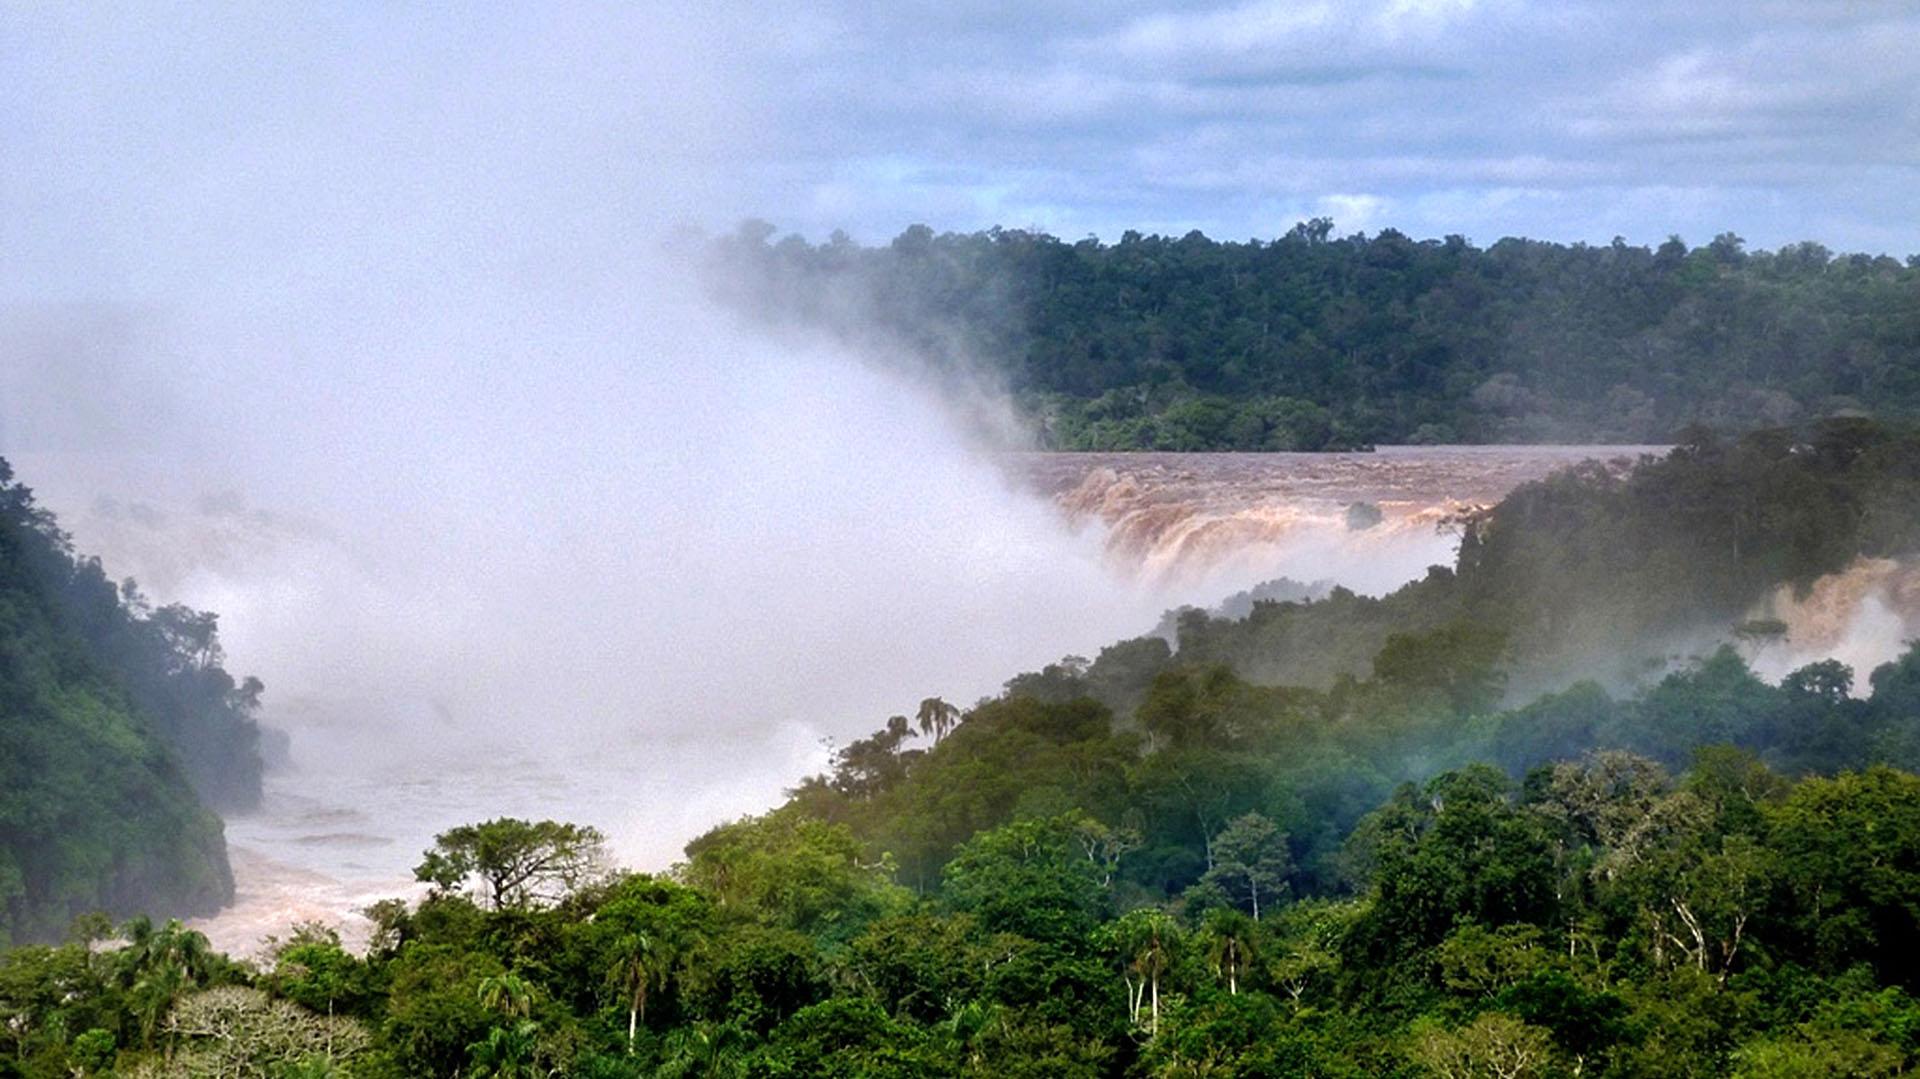 La selva misionera cobija atenta y diversa a las Cataratas del Iguazú (Fotos NA)